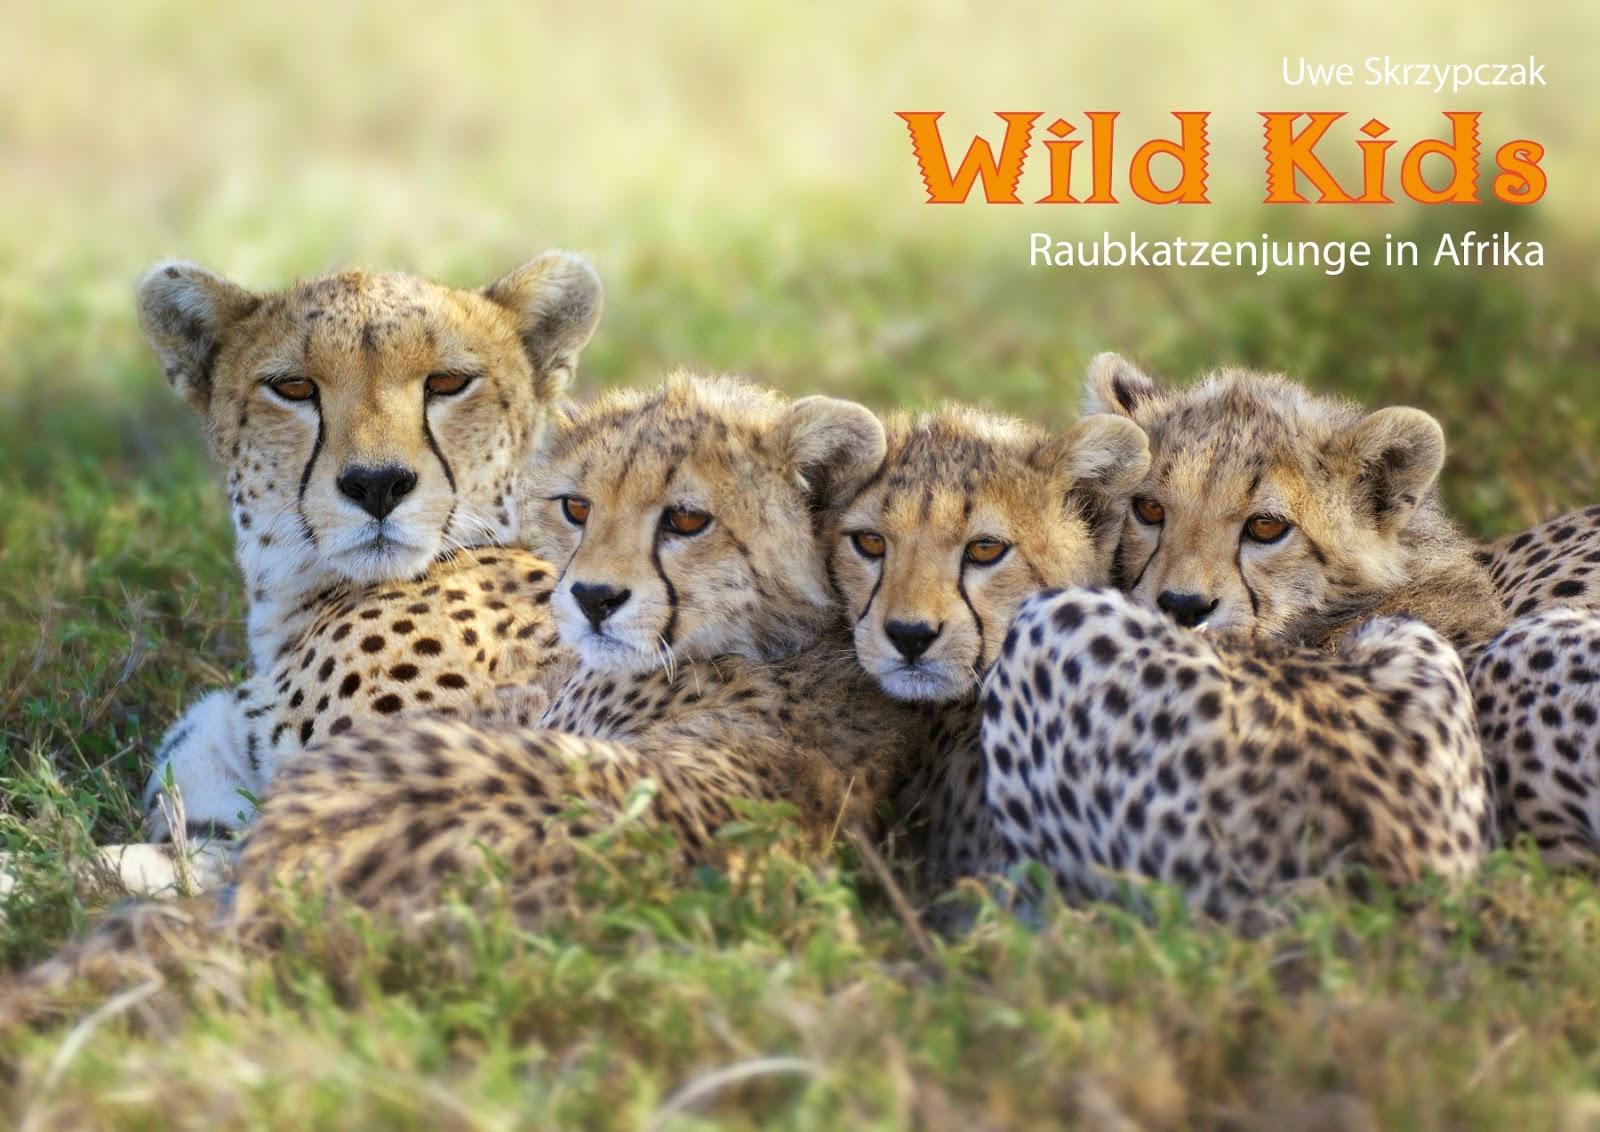 TIERKINDER - Raubkatzenjunge in Afrika. Kalender von Uwe Skrzypczak